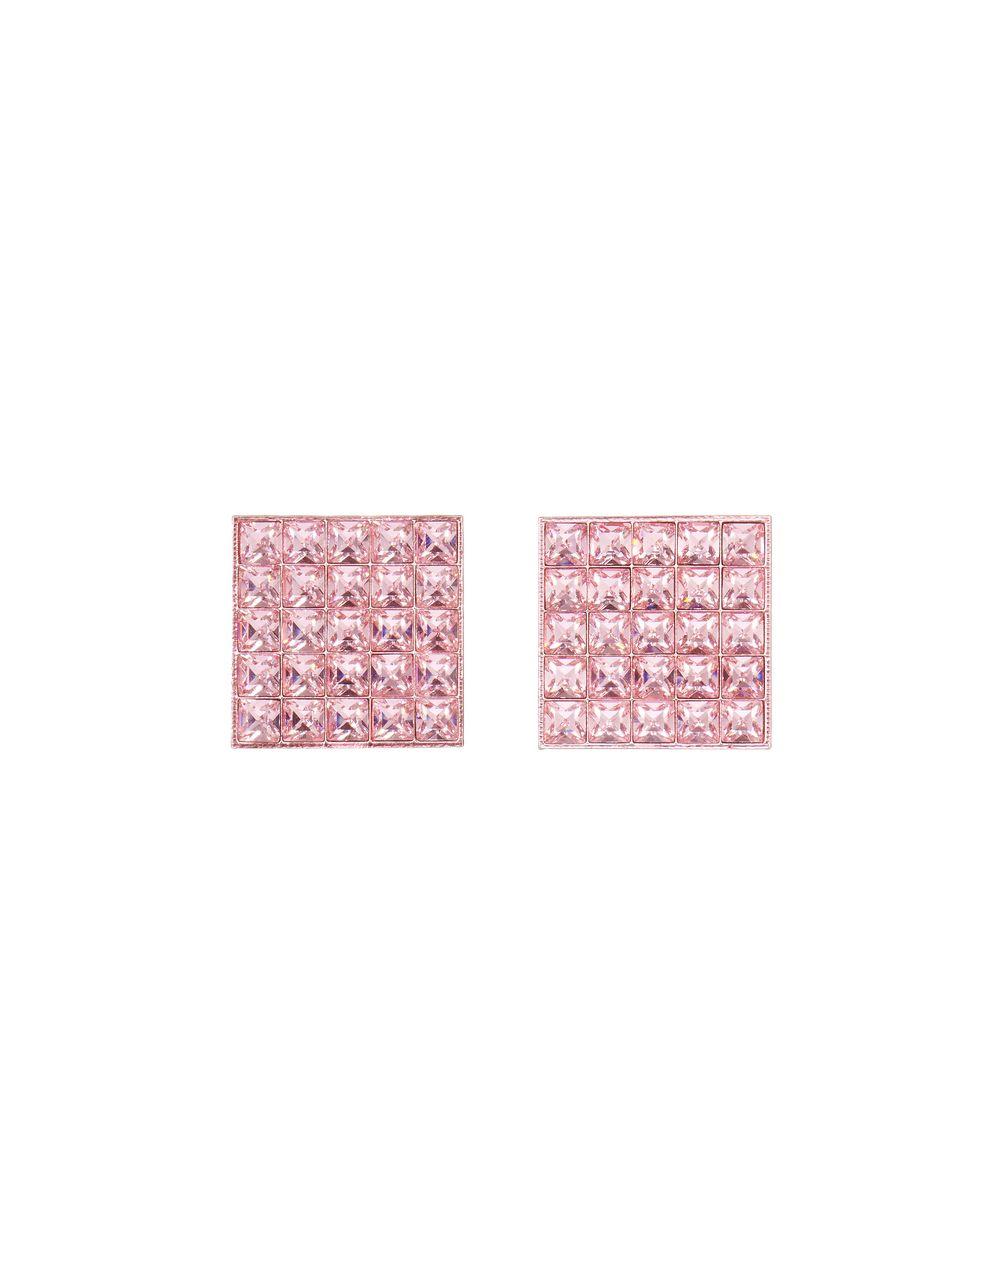 ORECCHINI LUXBOX ROSA - Lanvin